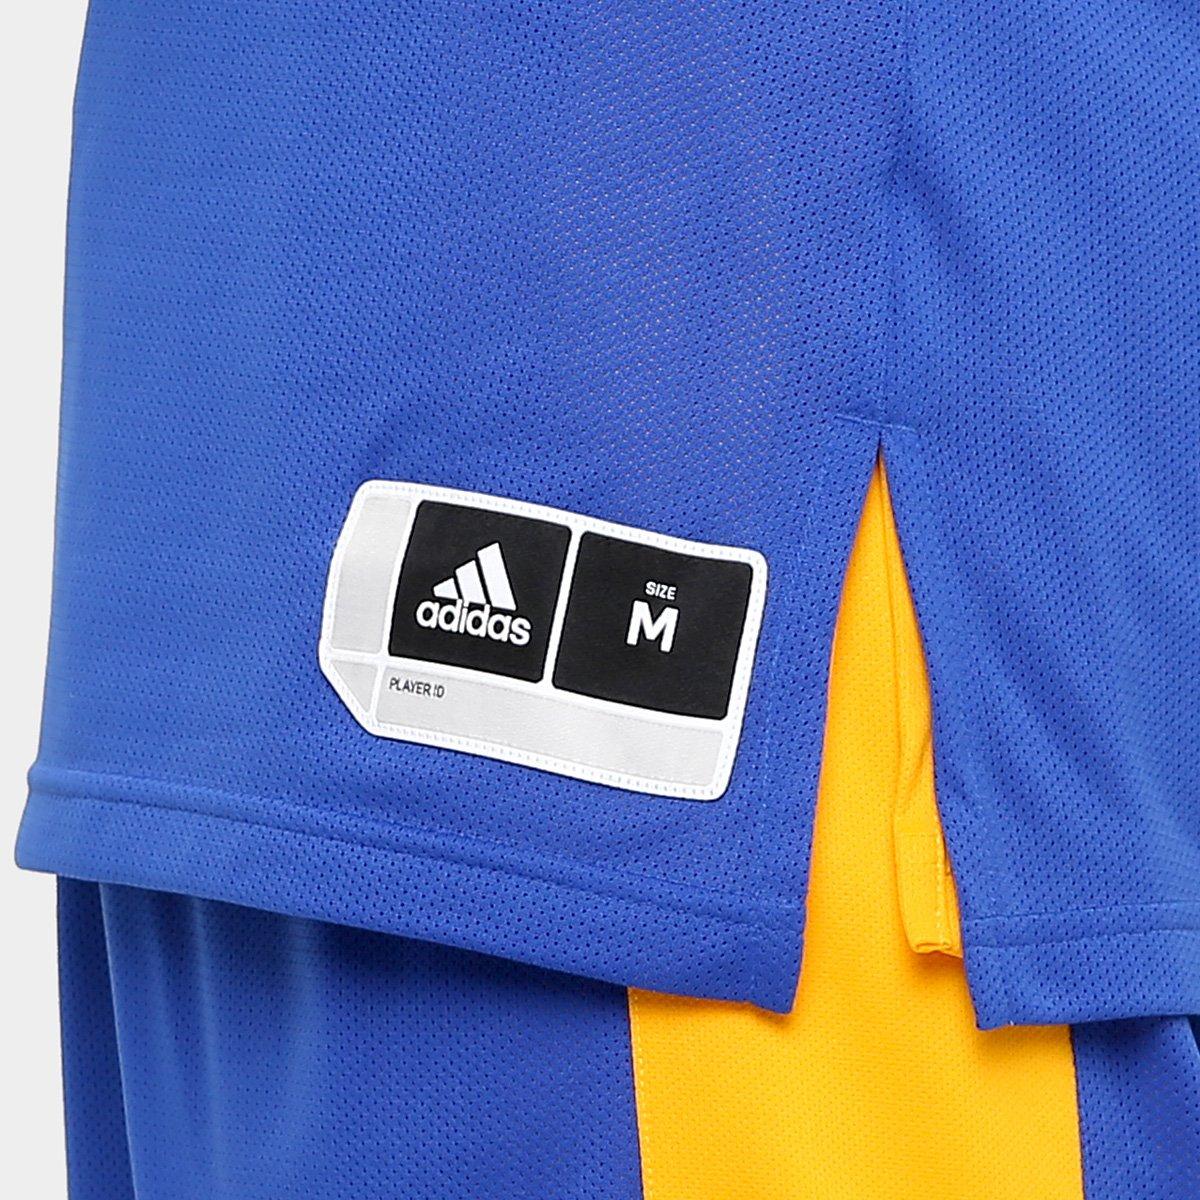 Camiseta Regata Adidas Treino Reversivel Masculina - Azul - Compre ... 9a8058e2192ca